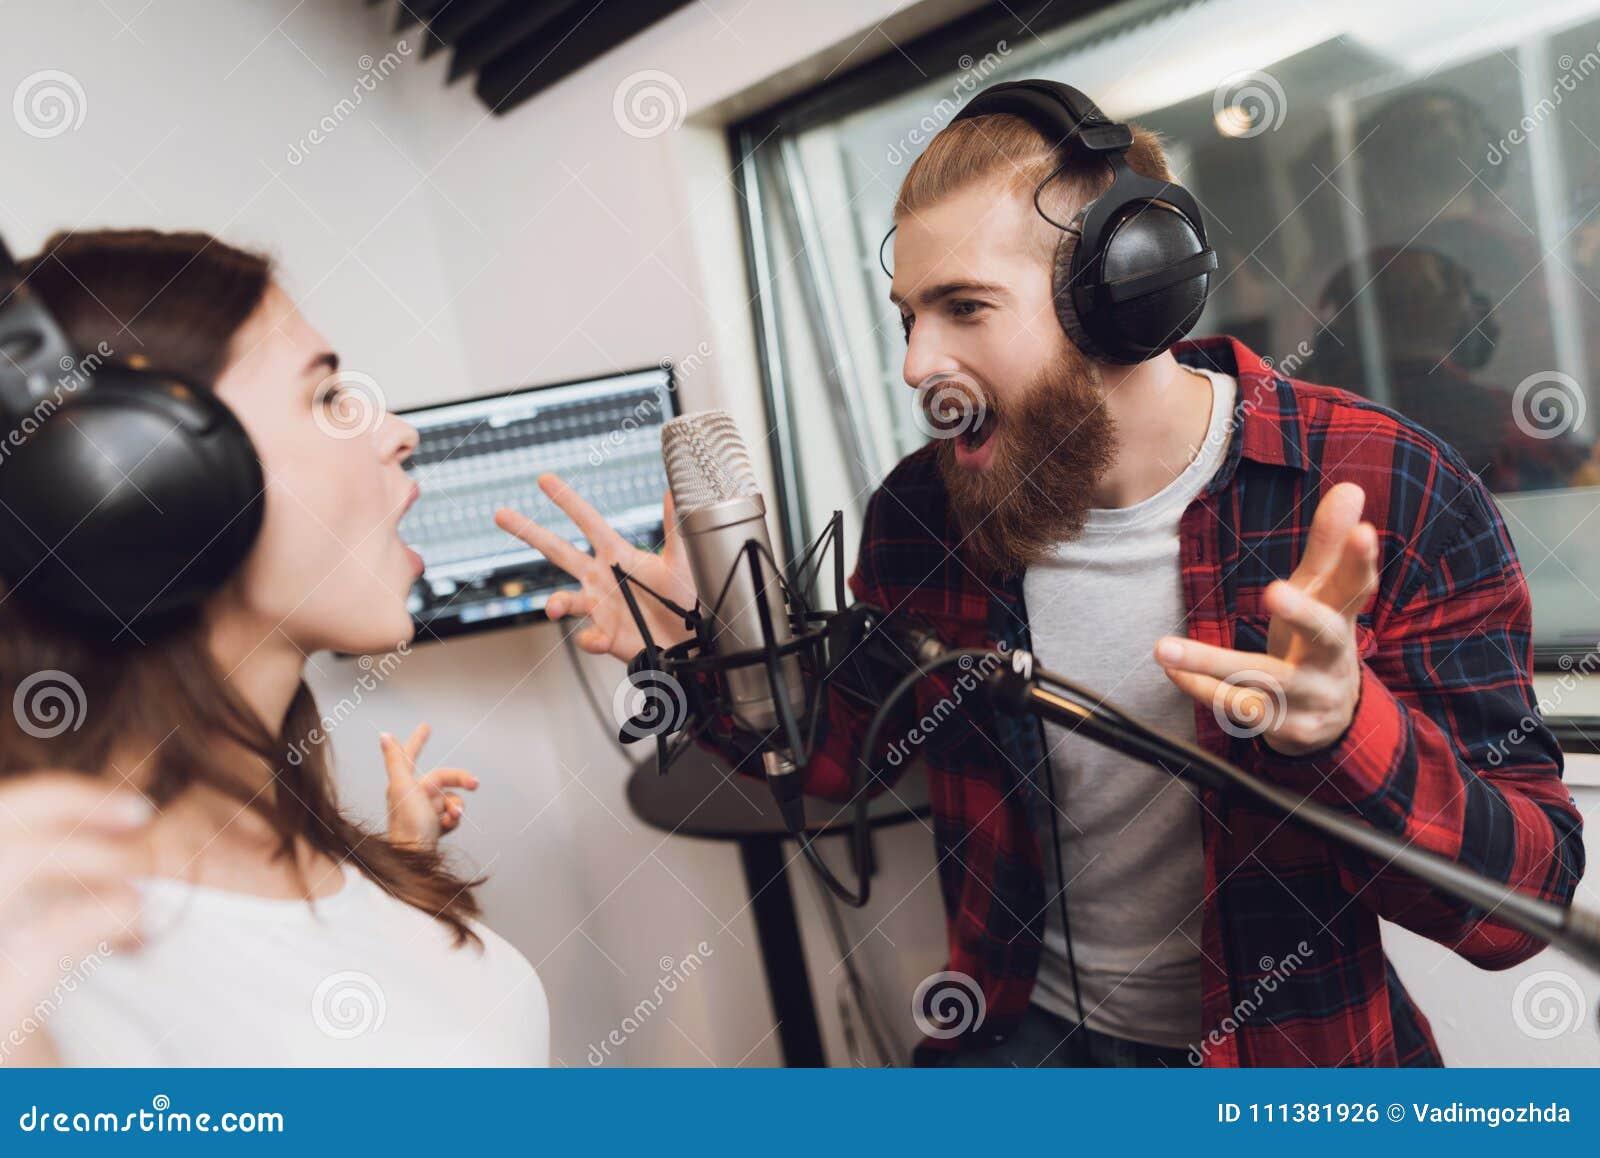 men in white song